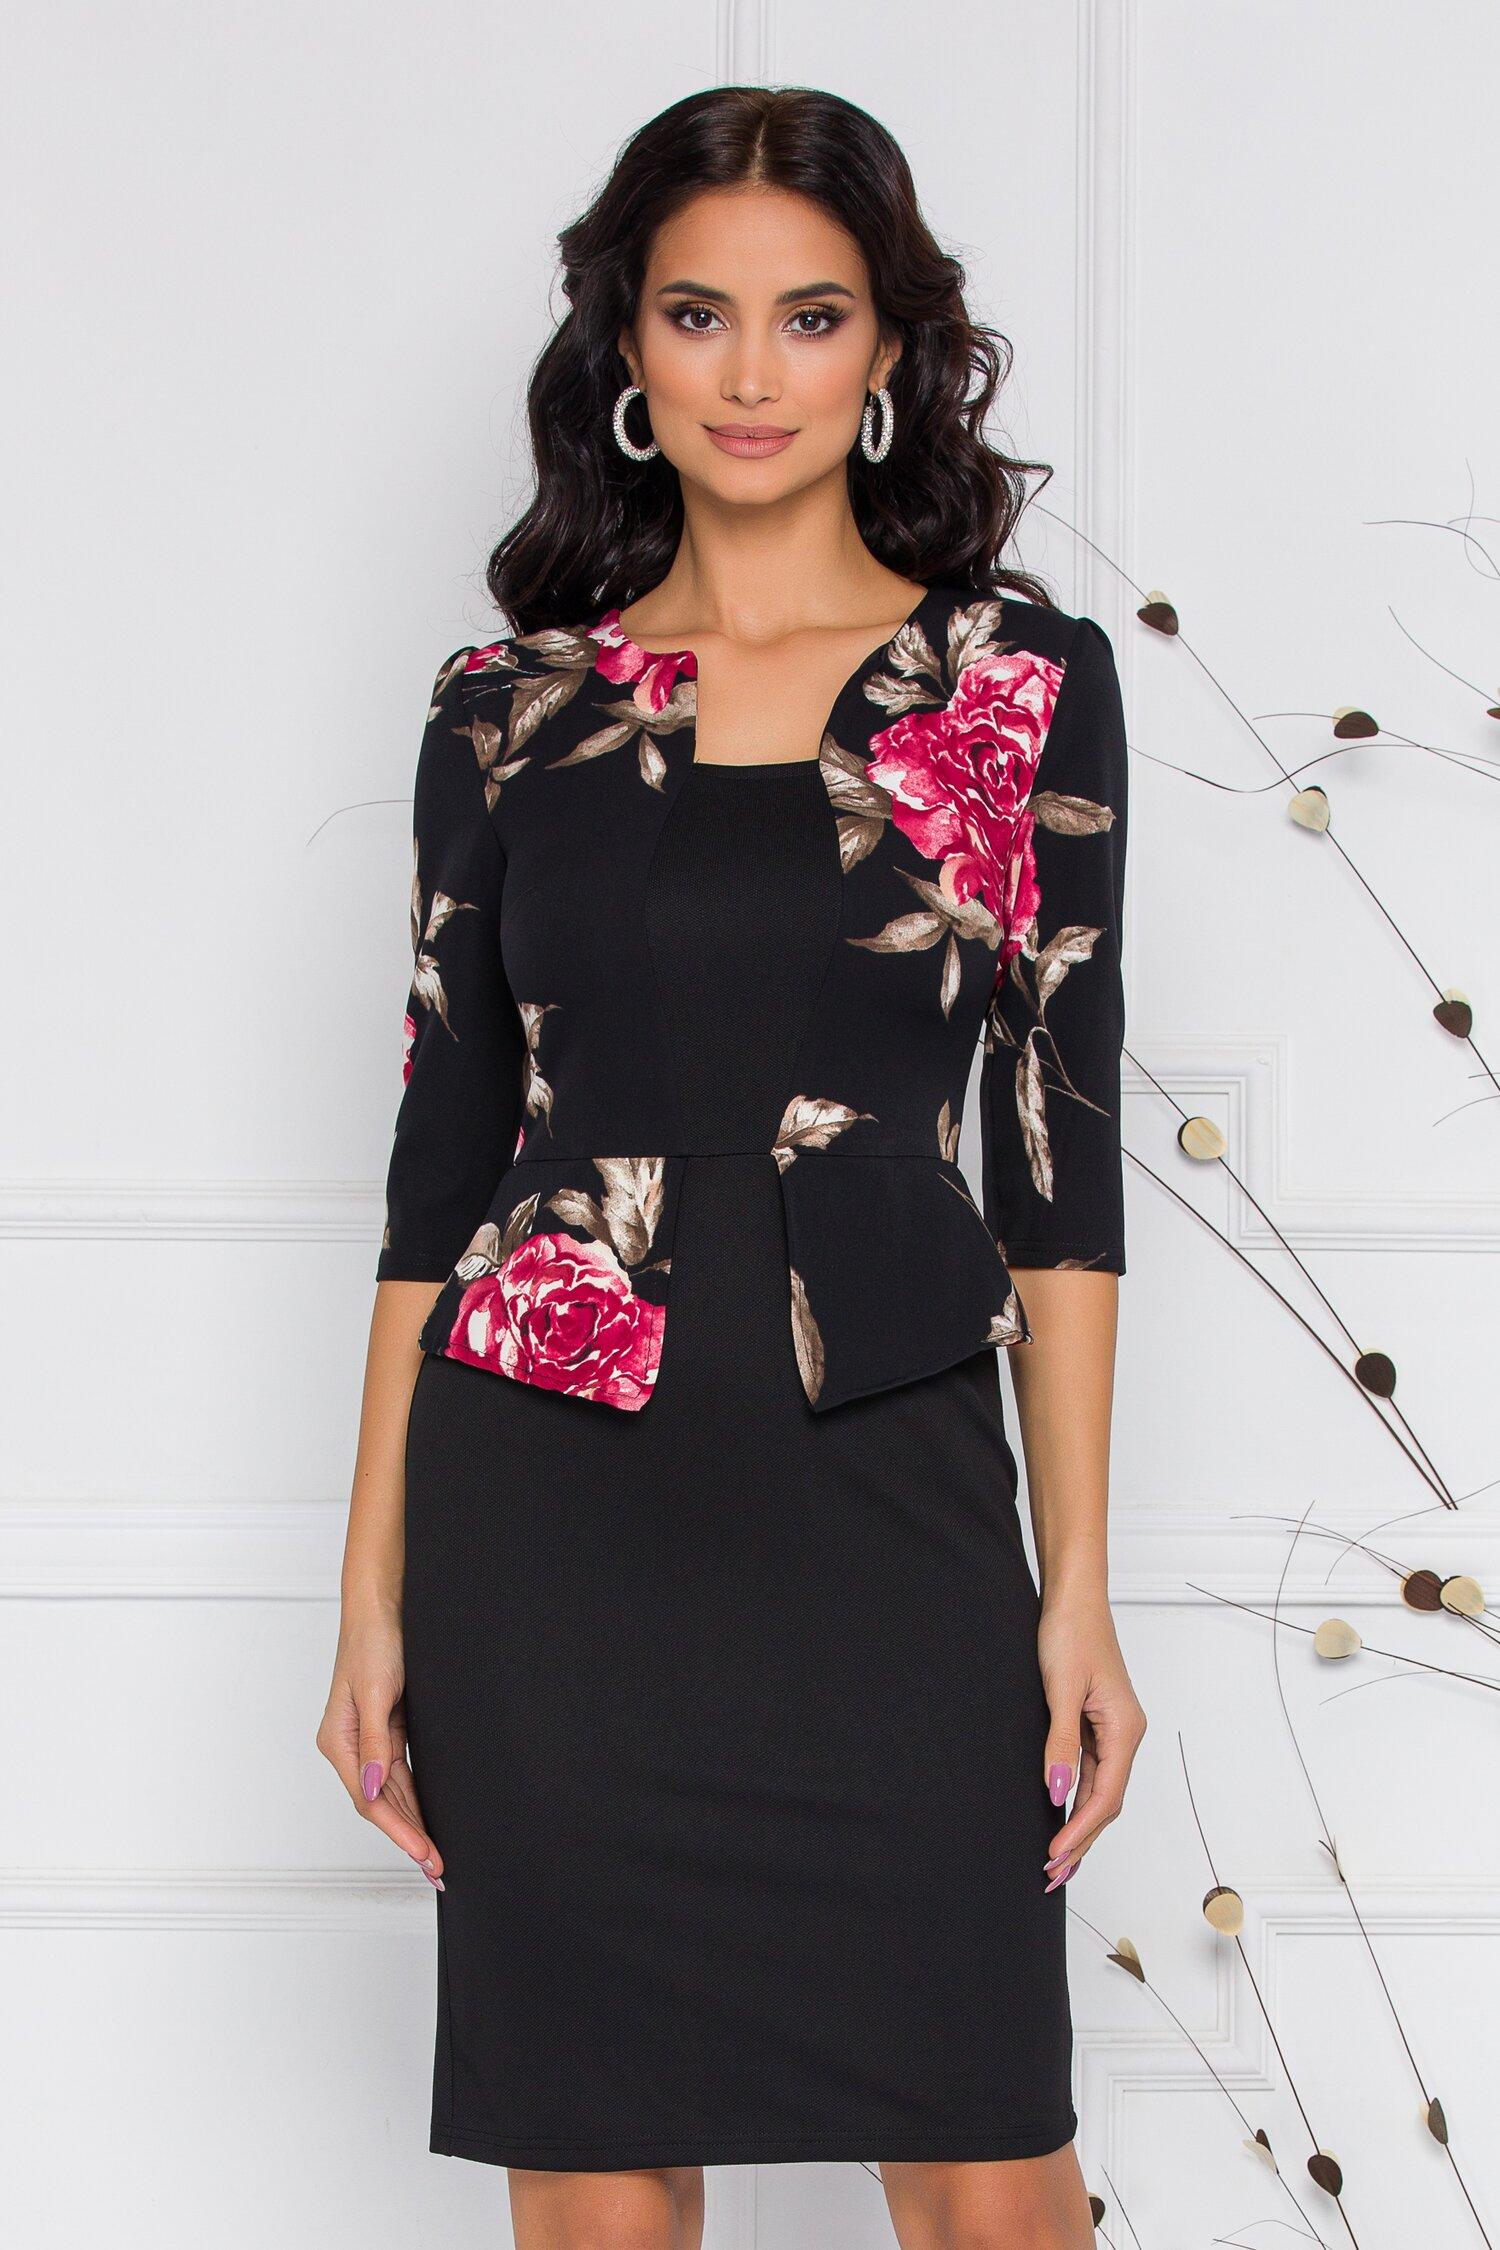 Rochie Sheyla neagra cu imprimeu floral rosu si peplum in talie